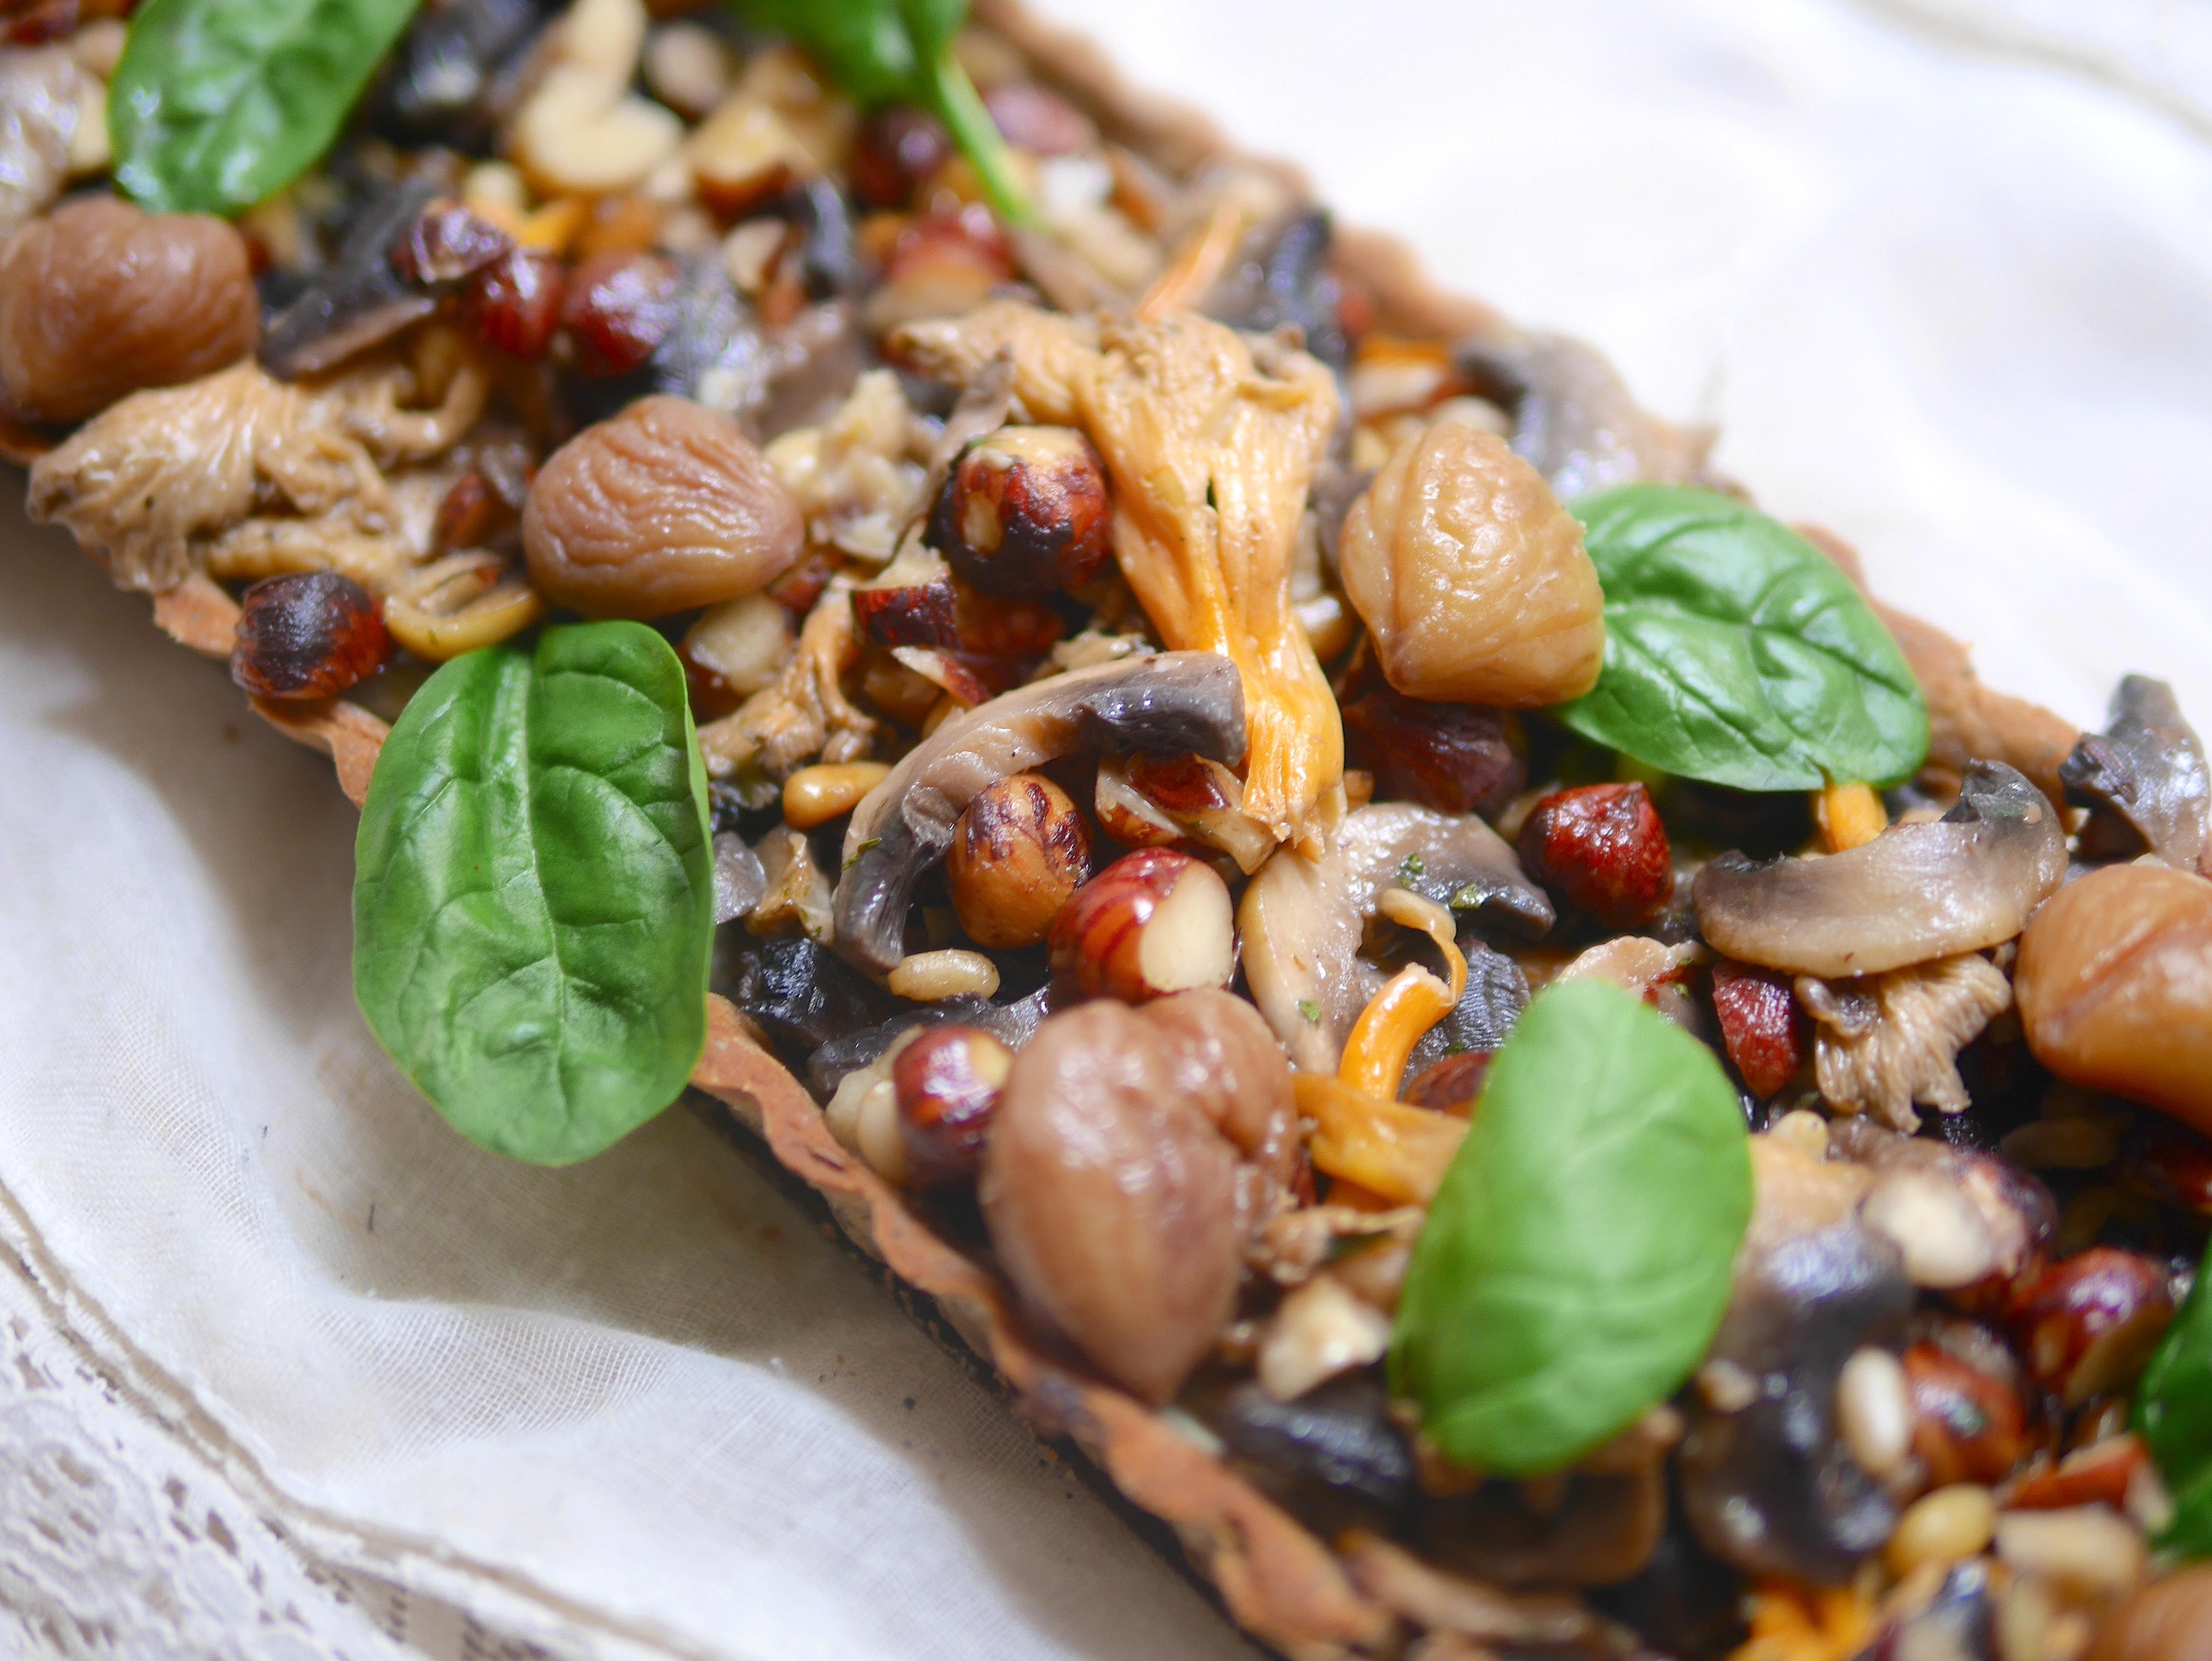 Tarte forestière champignons-marrons-noisettes pour un repas d'automne sain & gourmand ;-)